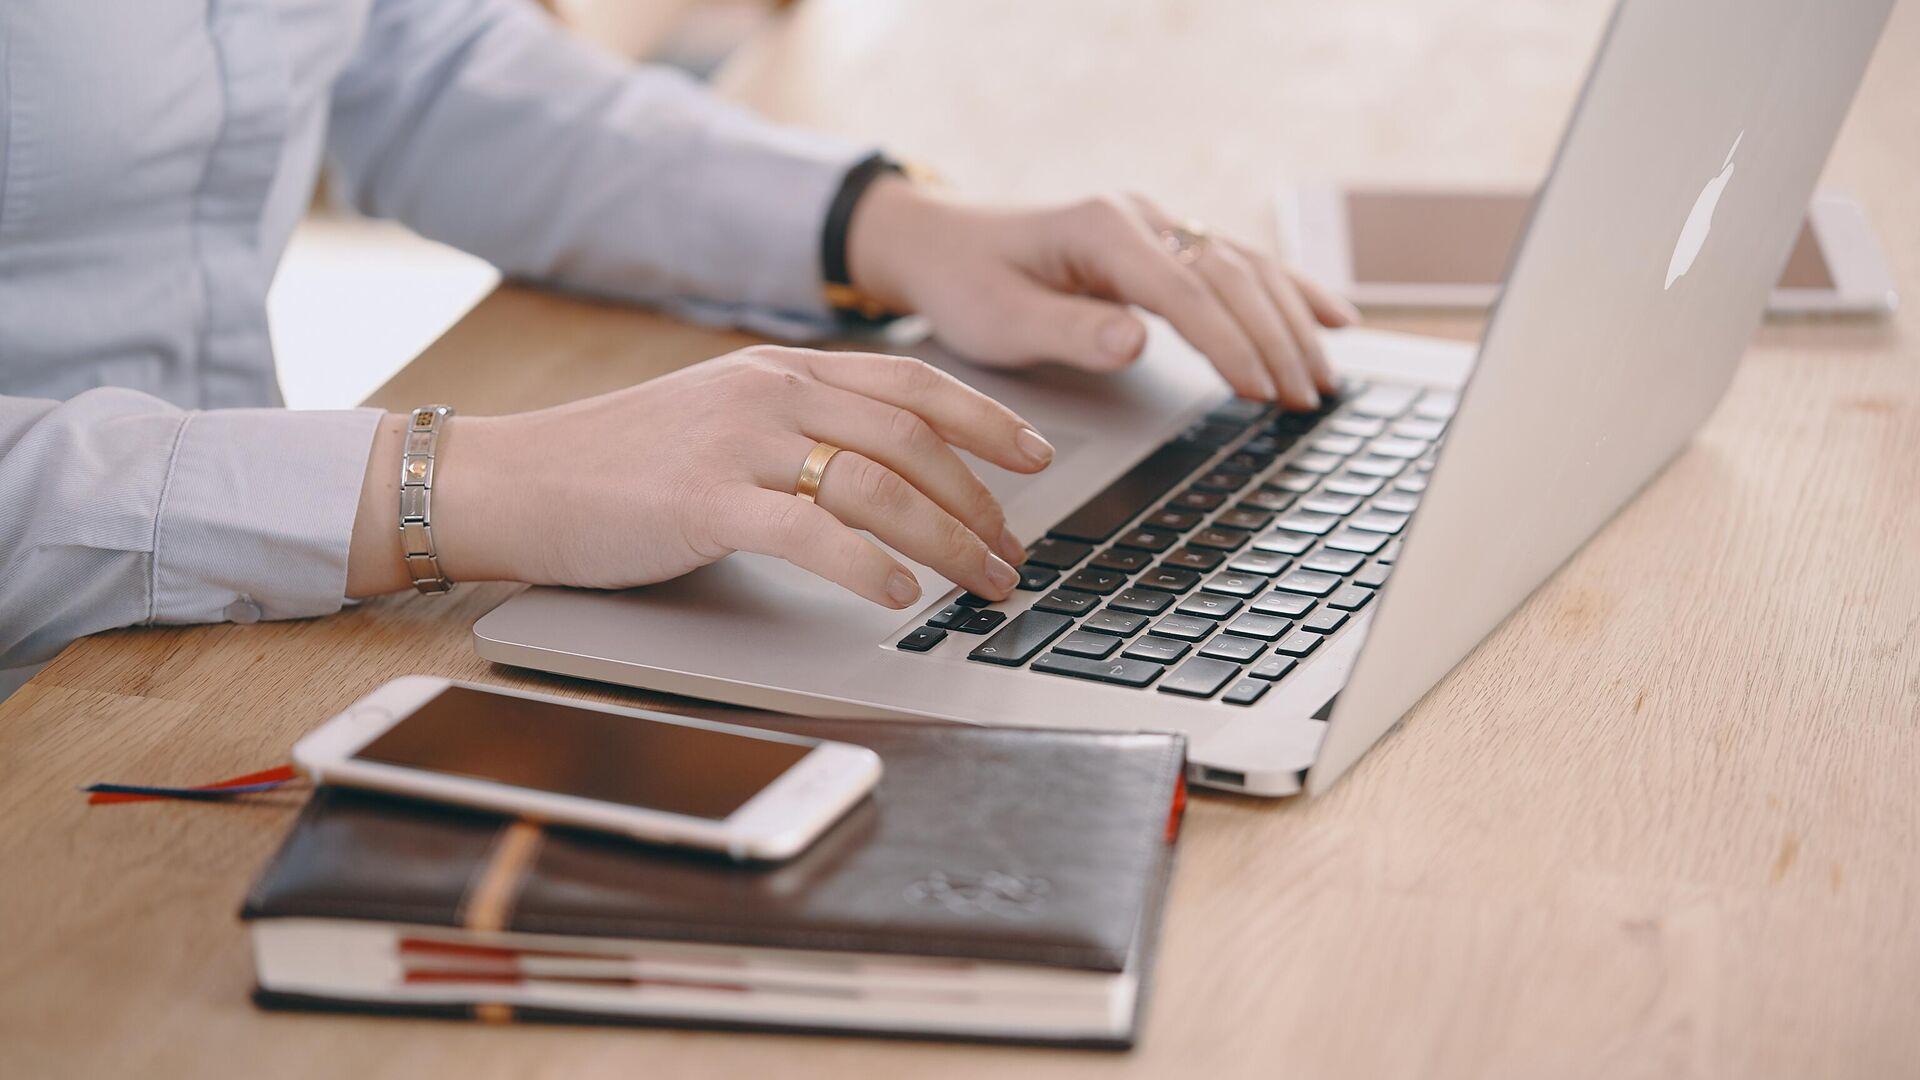 Женщина работает за ноутбуком - РИА Новости, 1920, 28.09.2021